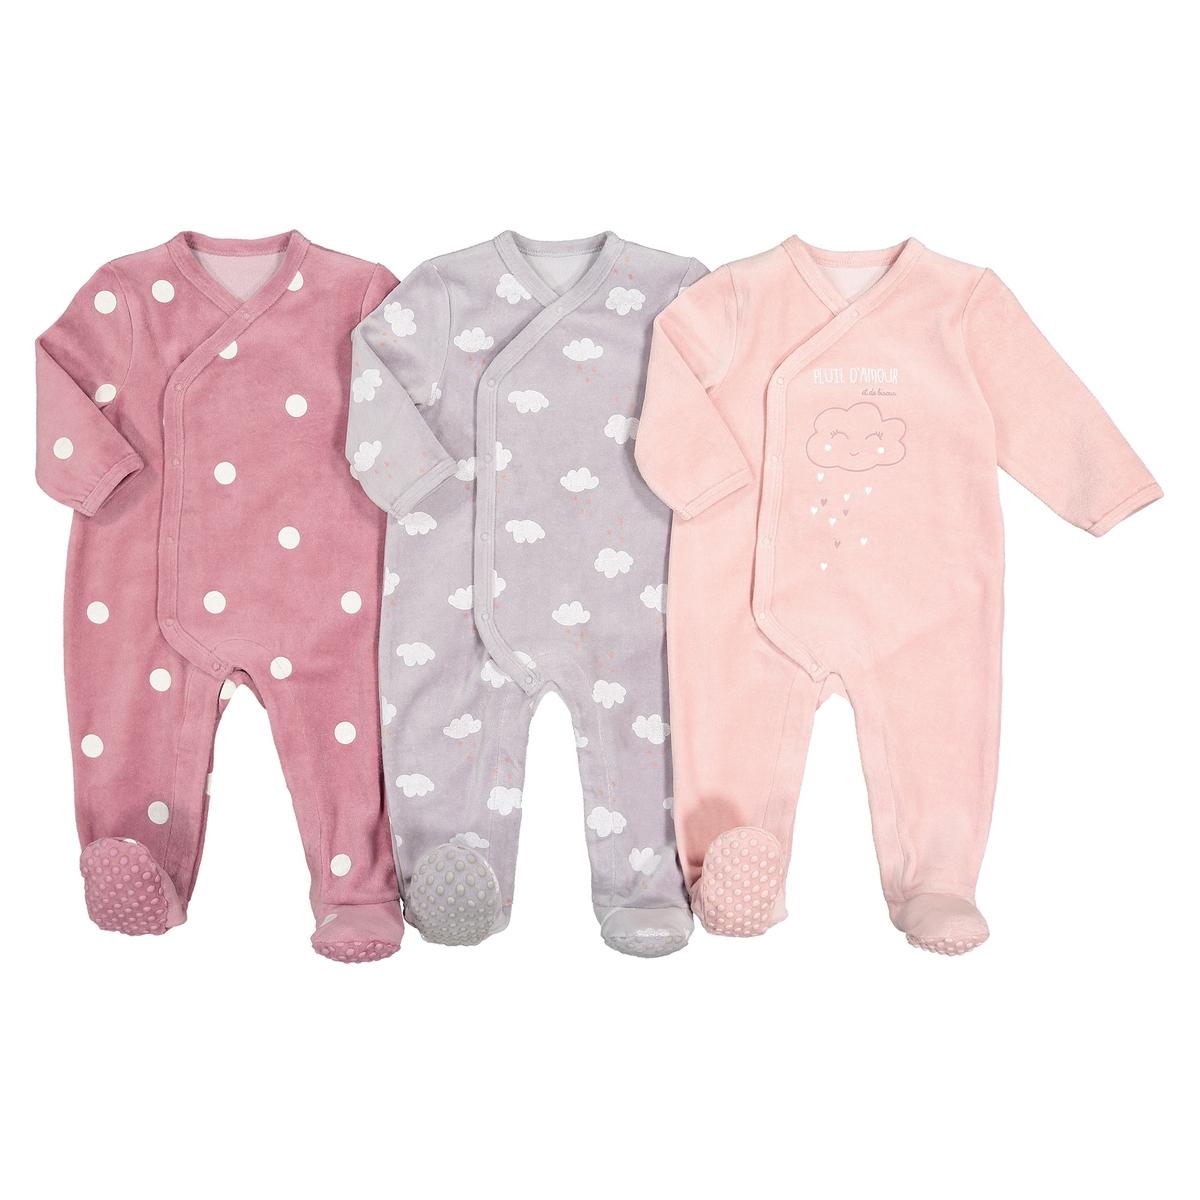 цена Пижамы La Redoute Из велюра - года рожденные раньше срока - 45 см розовый онлайн в 2017 году